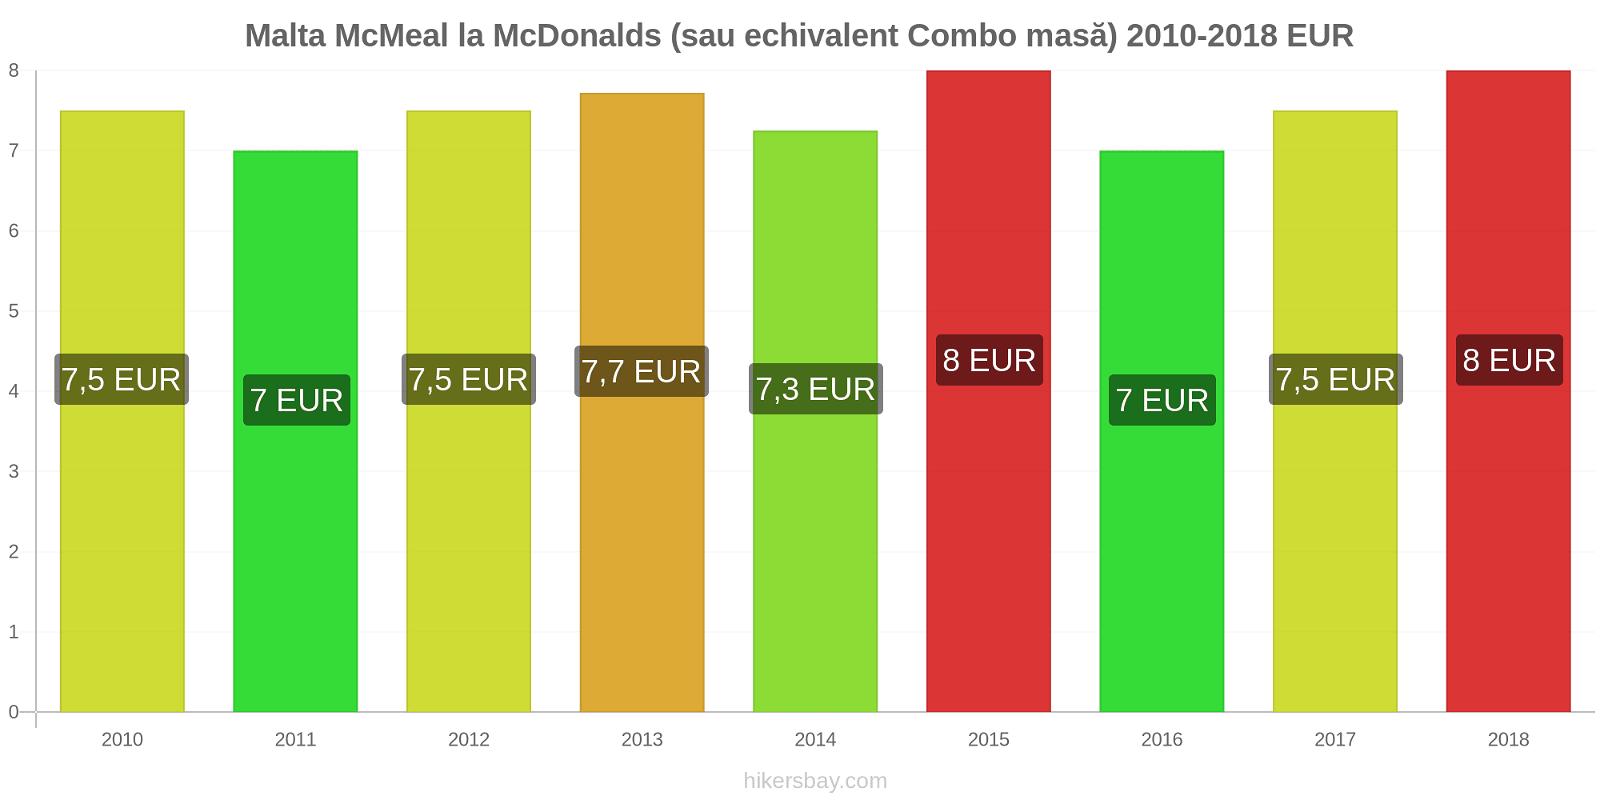 Malta modificări de preț McMeal la McDonalds (sau echivalent Combo masă) hikersbay.com